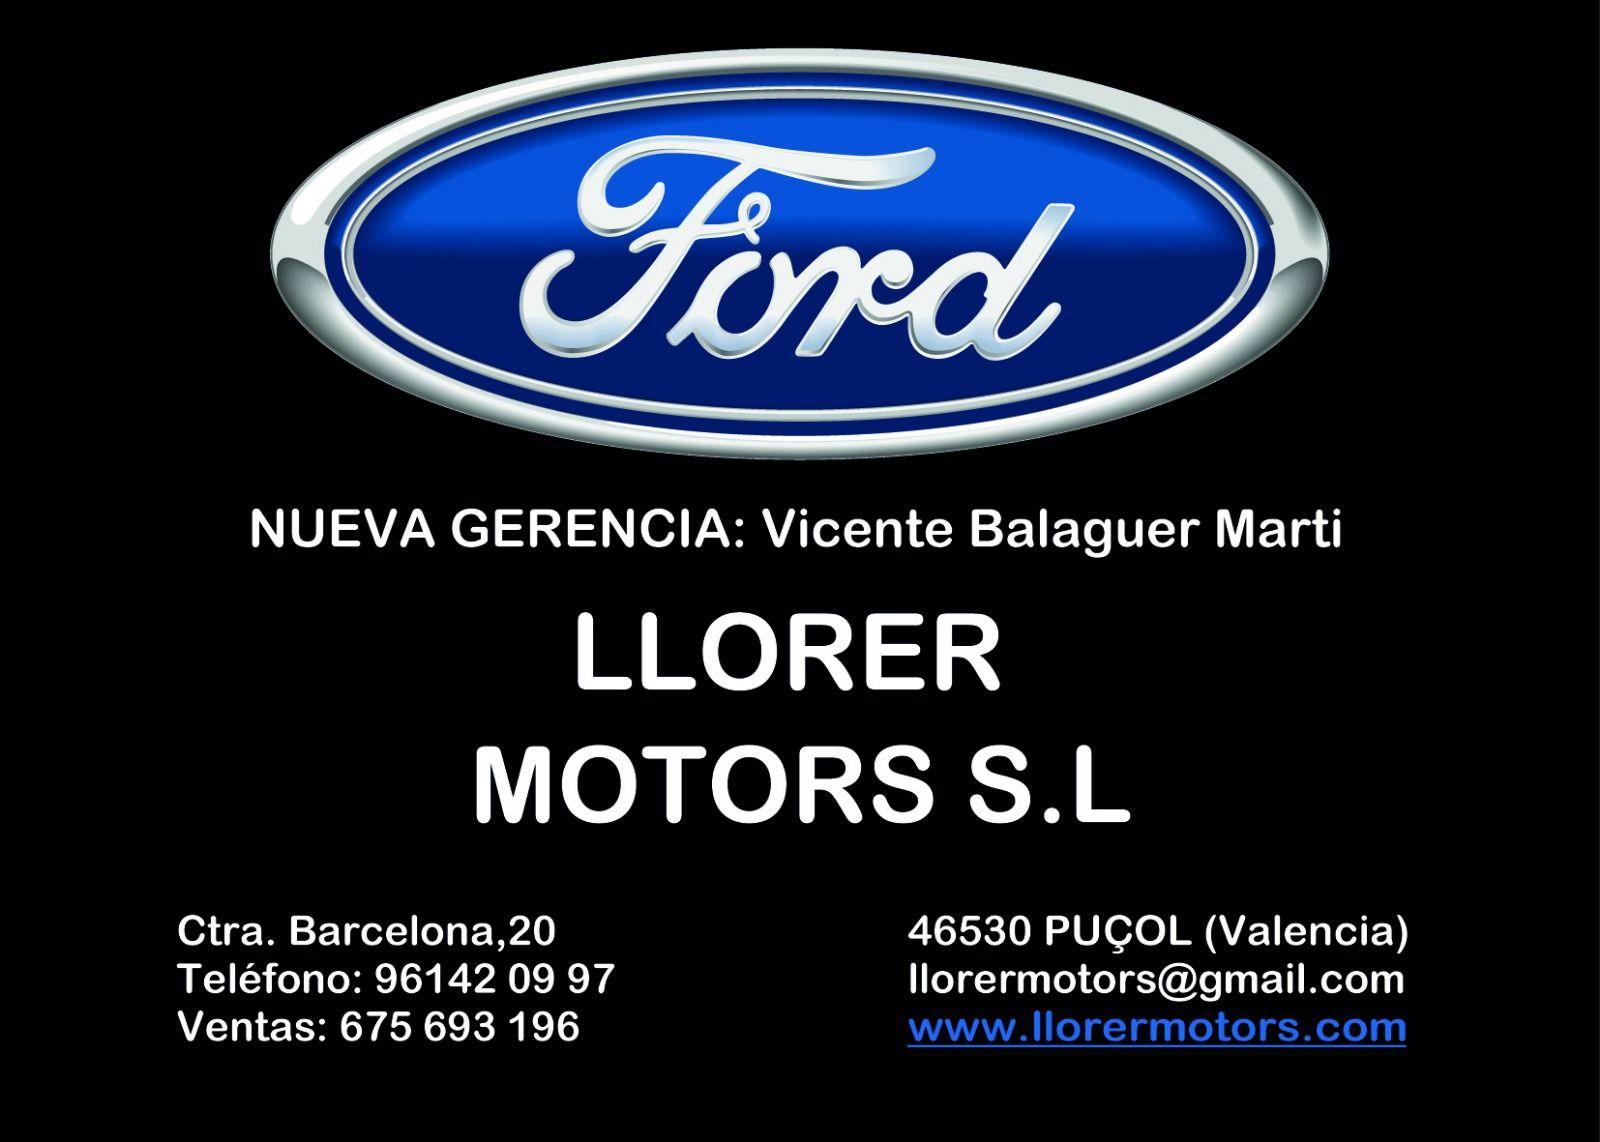 Nueva gerencia Llorer Motors